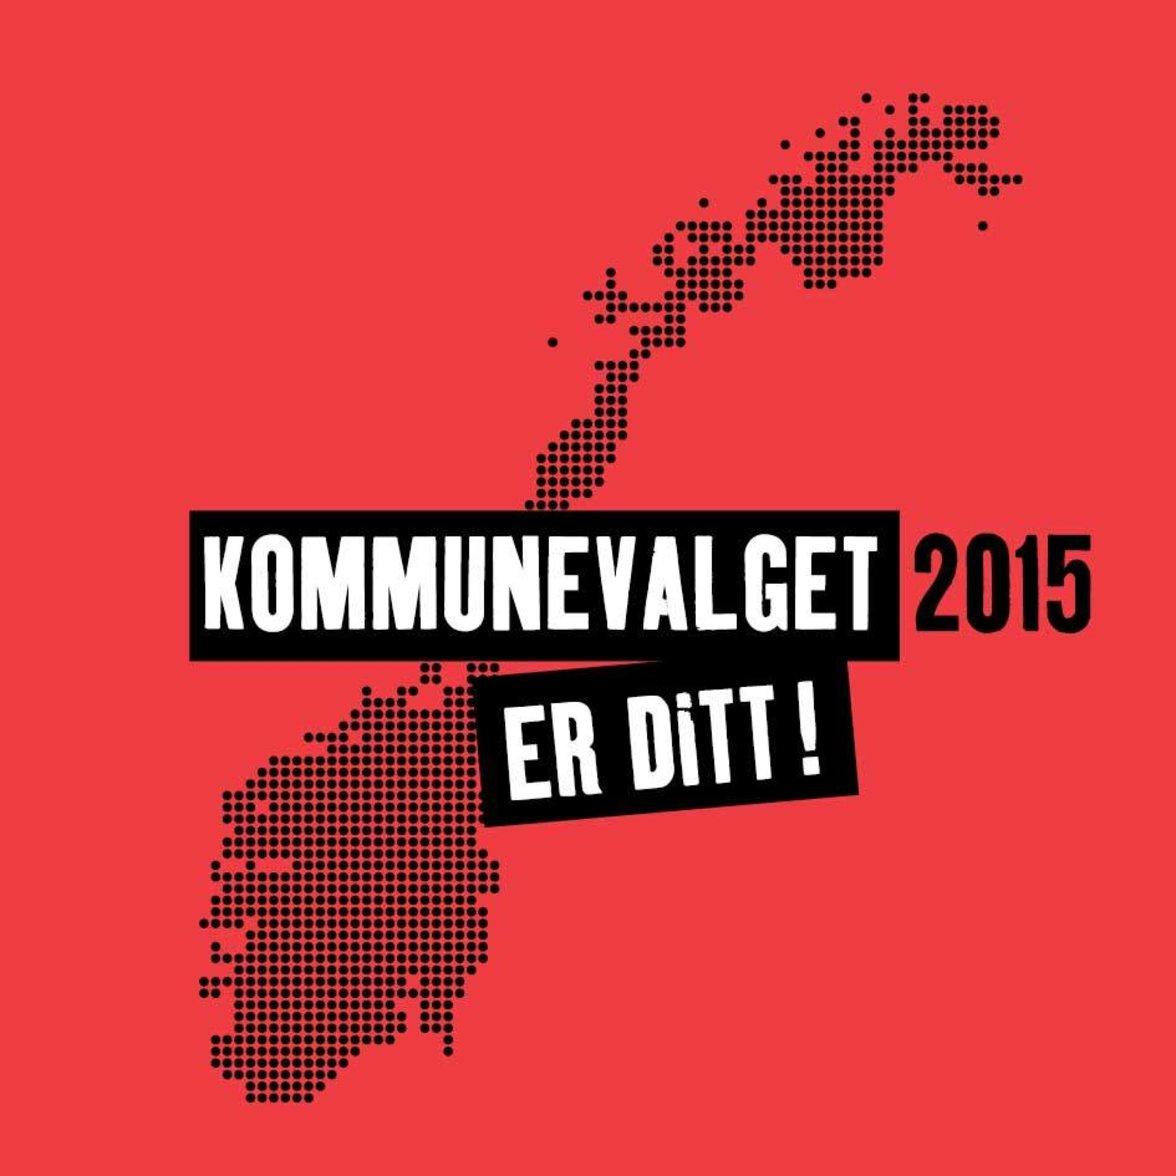 kommunevalget2015bildenettbannerweb